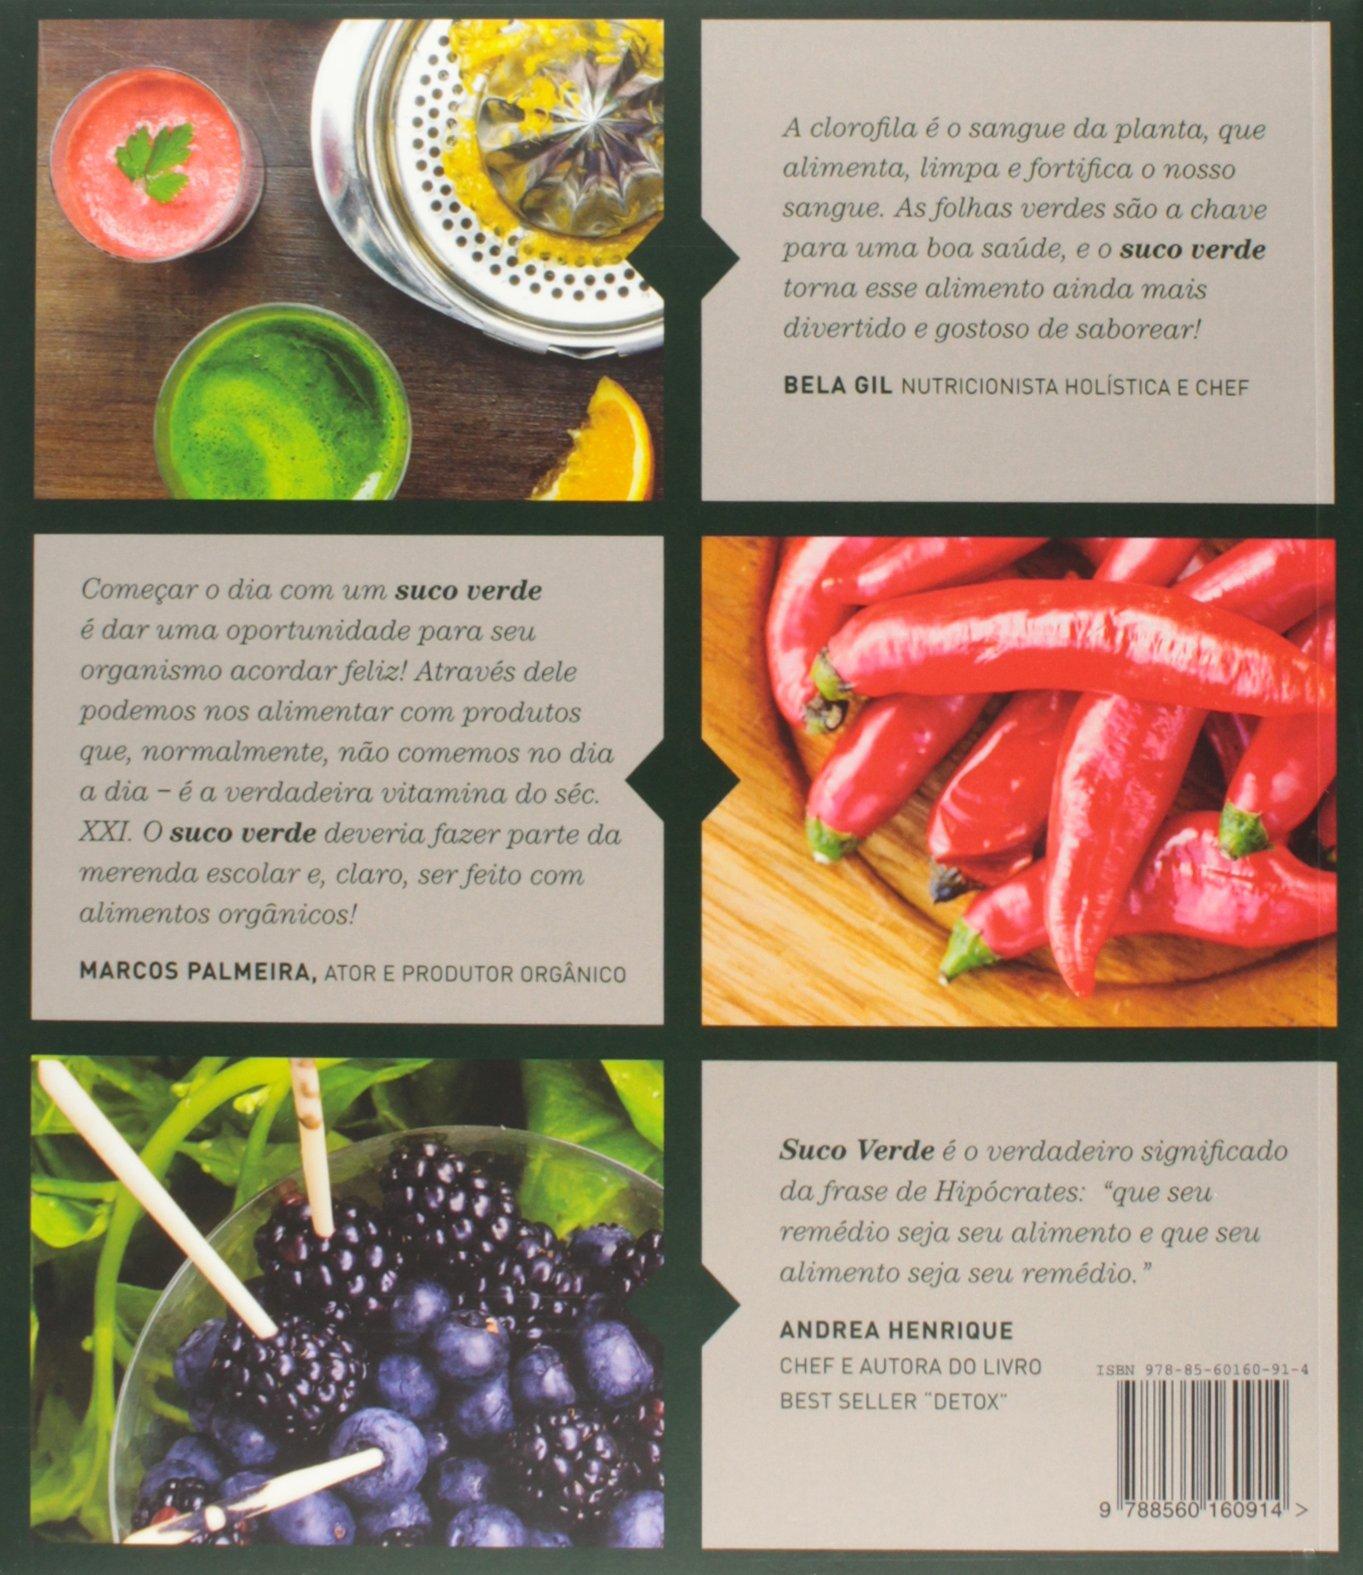 A Revolucao do Suco Verde (Em Portugues do Brasil): Victoria Boutenko: 9788560160914: Amazon.com: Books